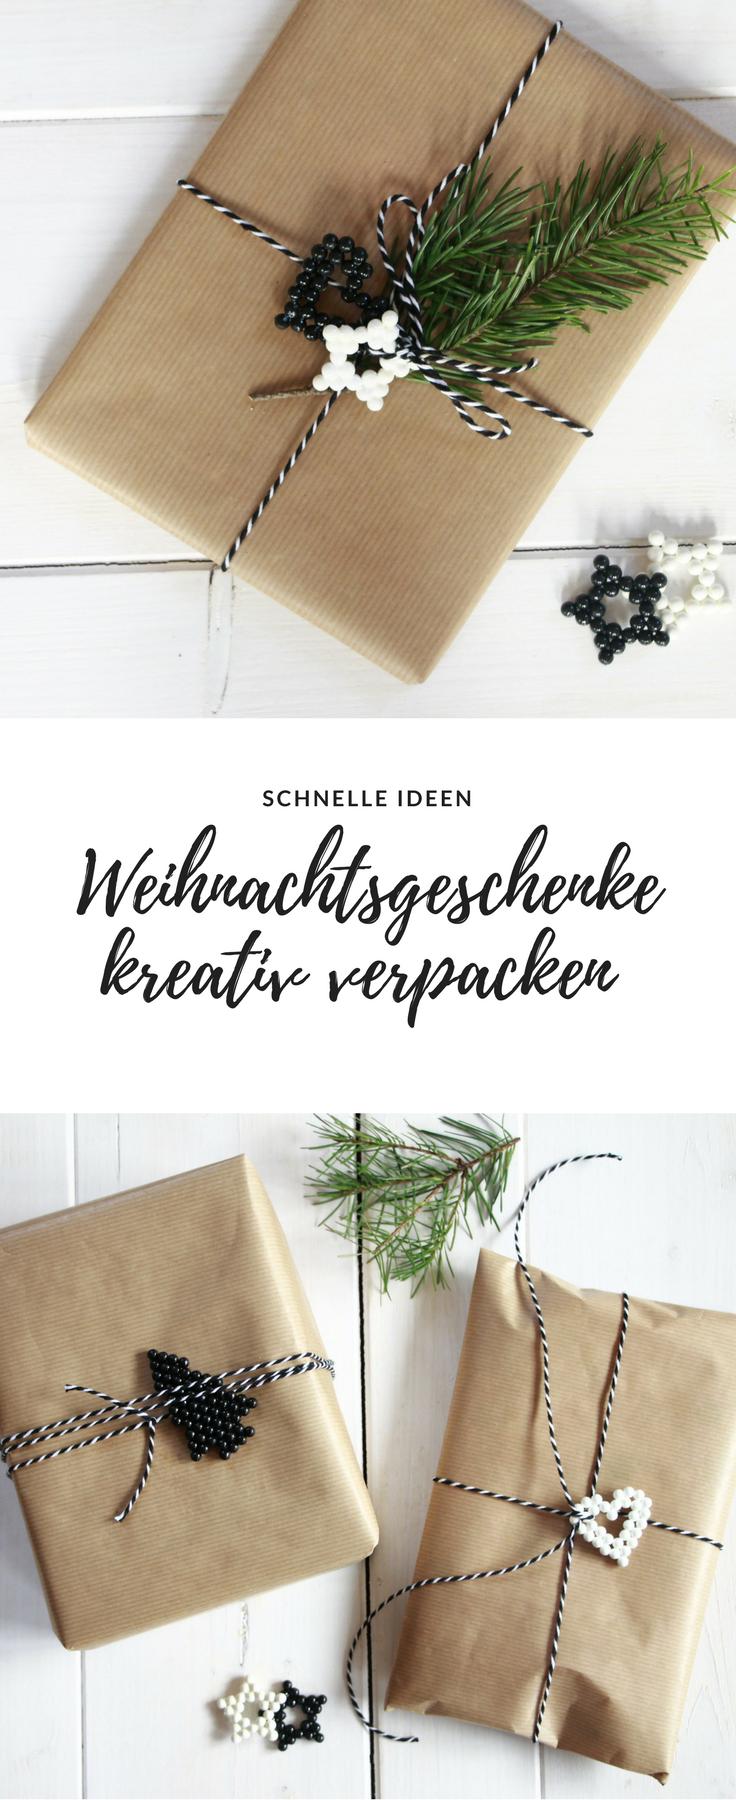 Weihnachtsgeschenke verpacken: Ideen mit Aquabeads | DIY Ideen und ...